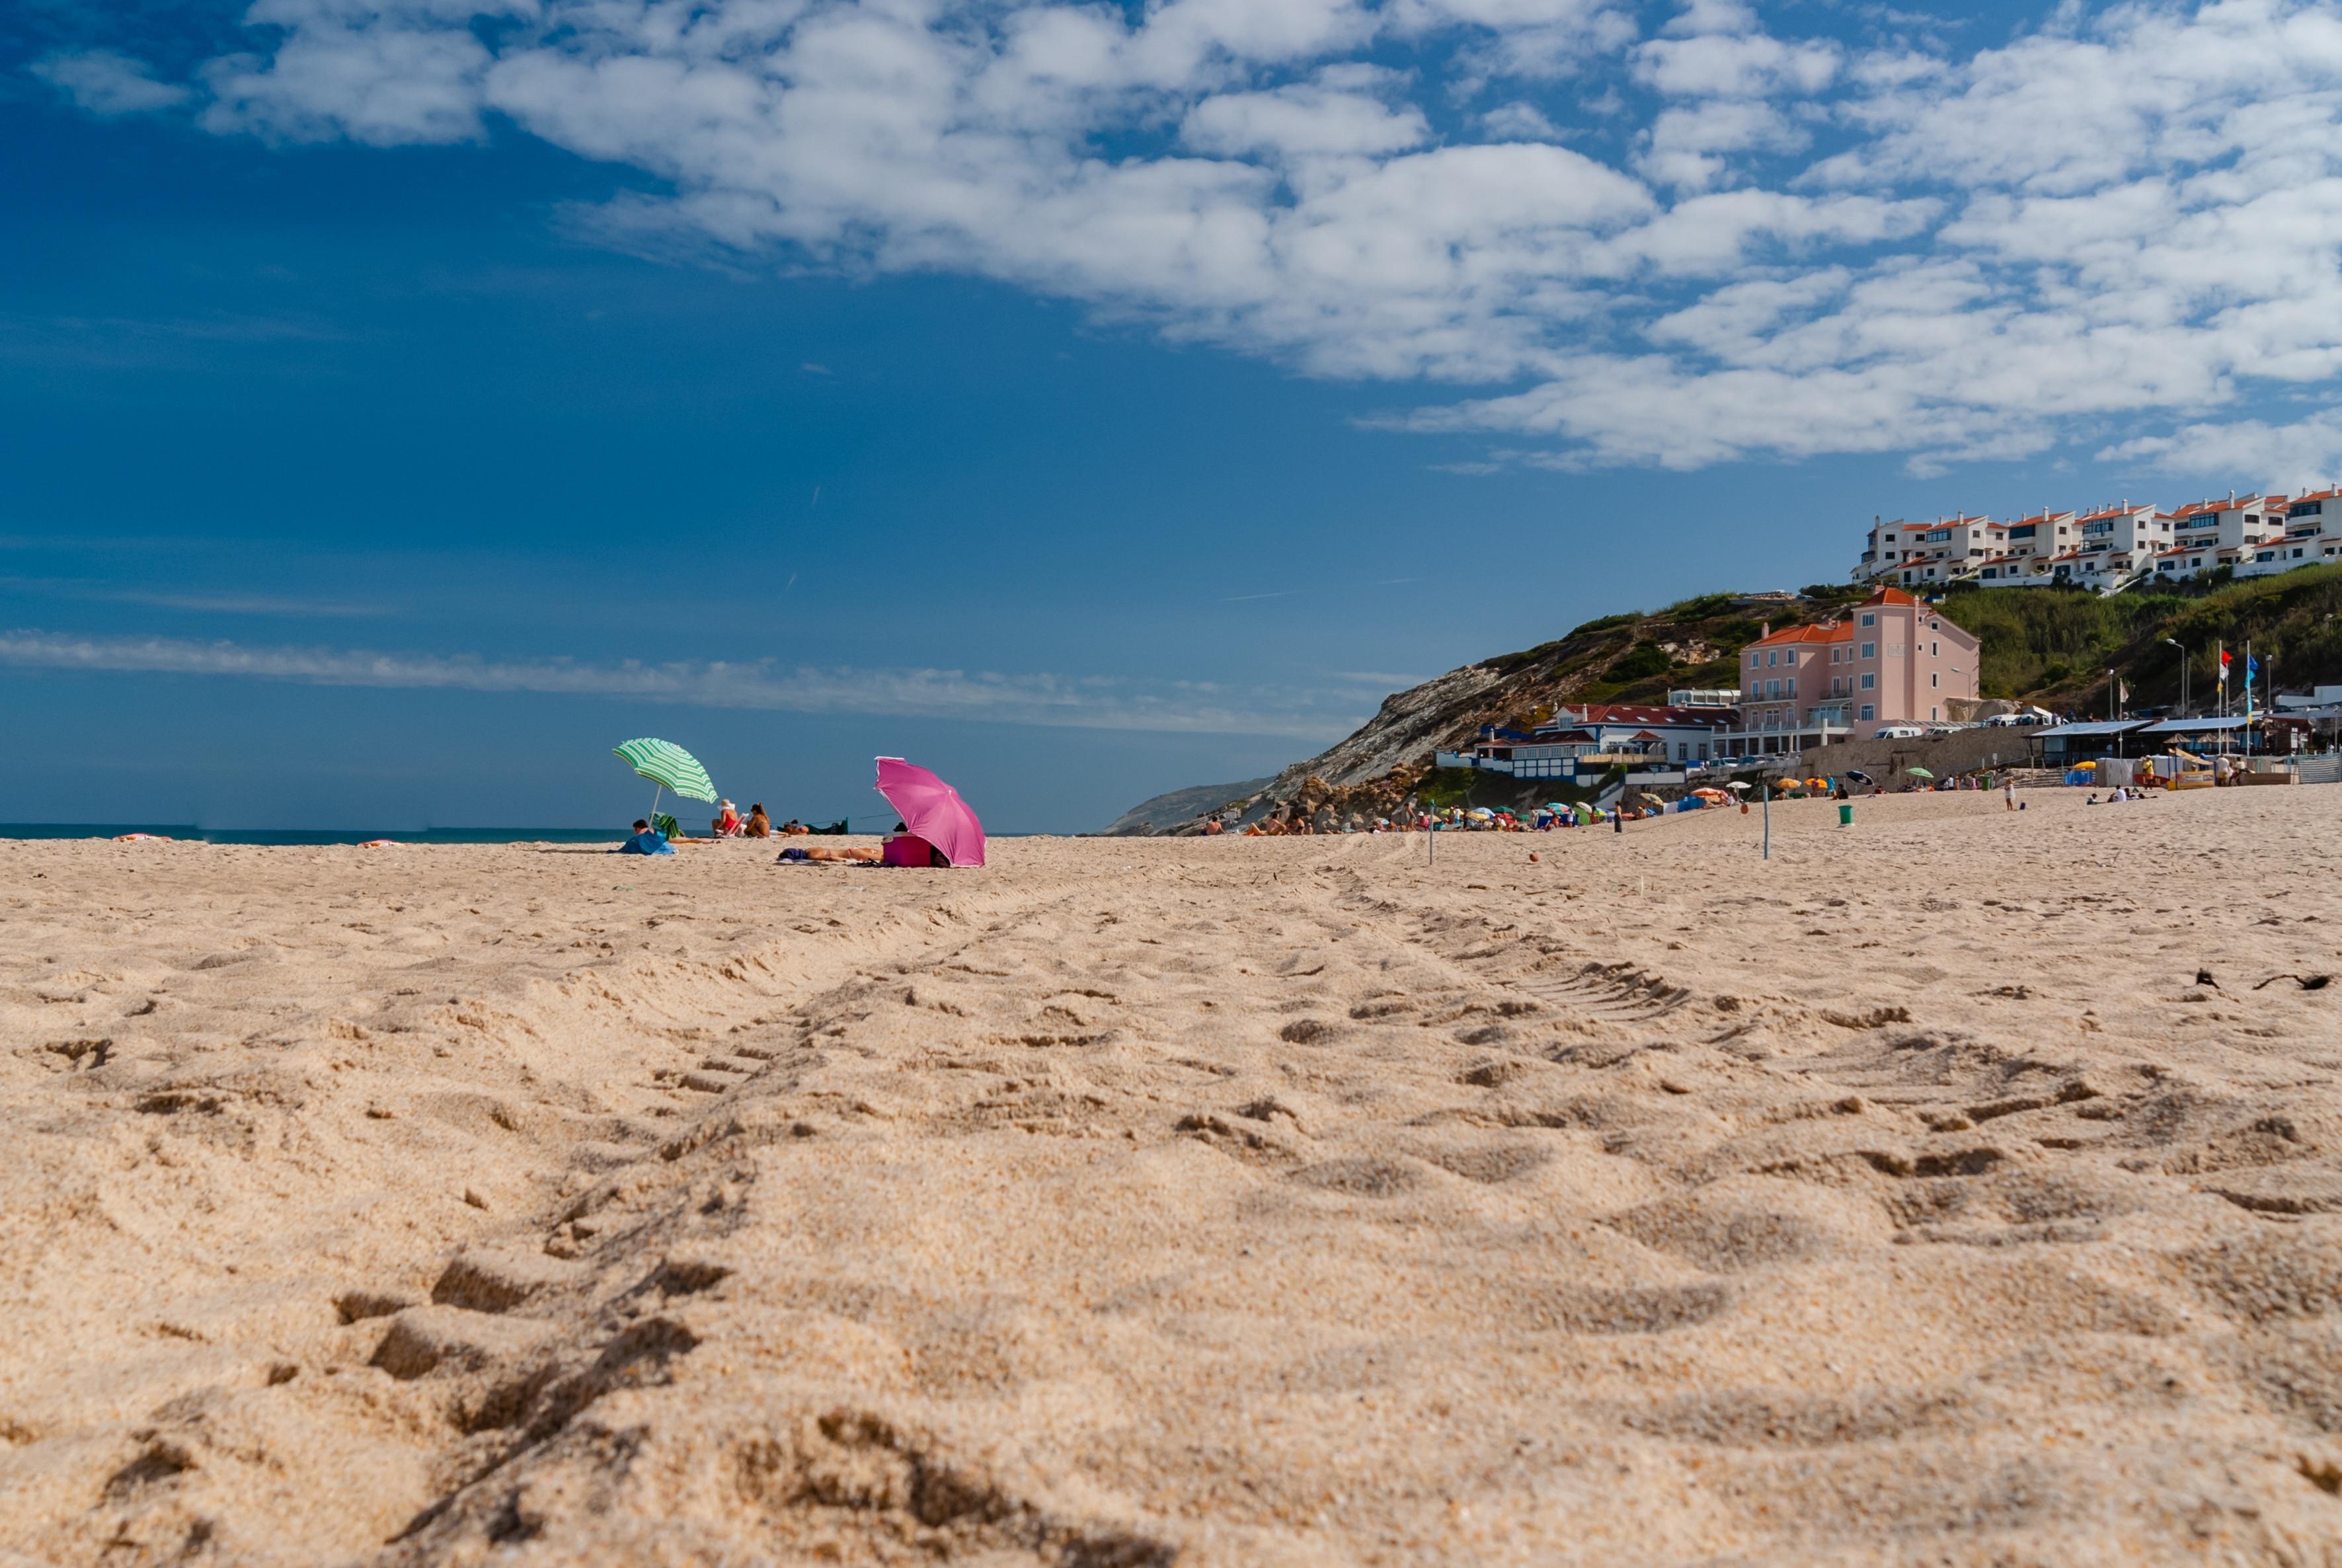 Foz do Arelho Beach, Caldas da Rainha, Leiria District, Portugal